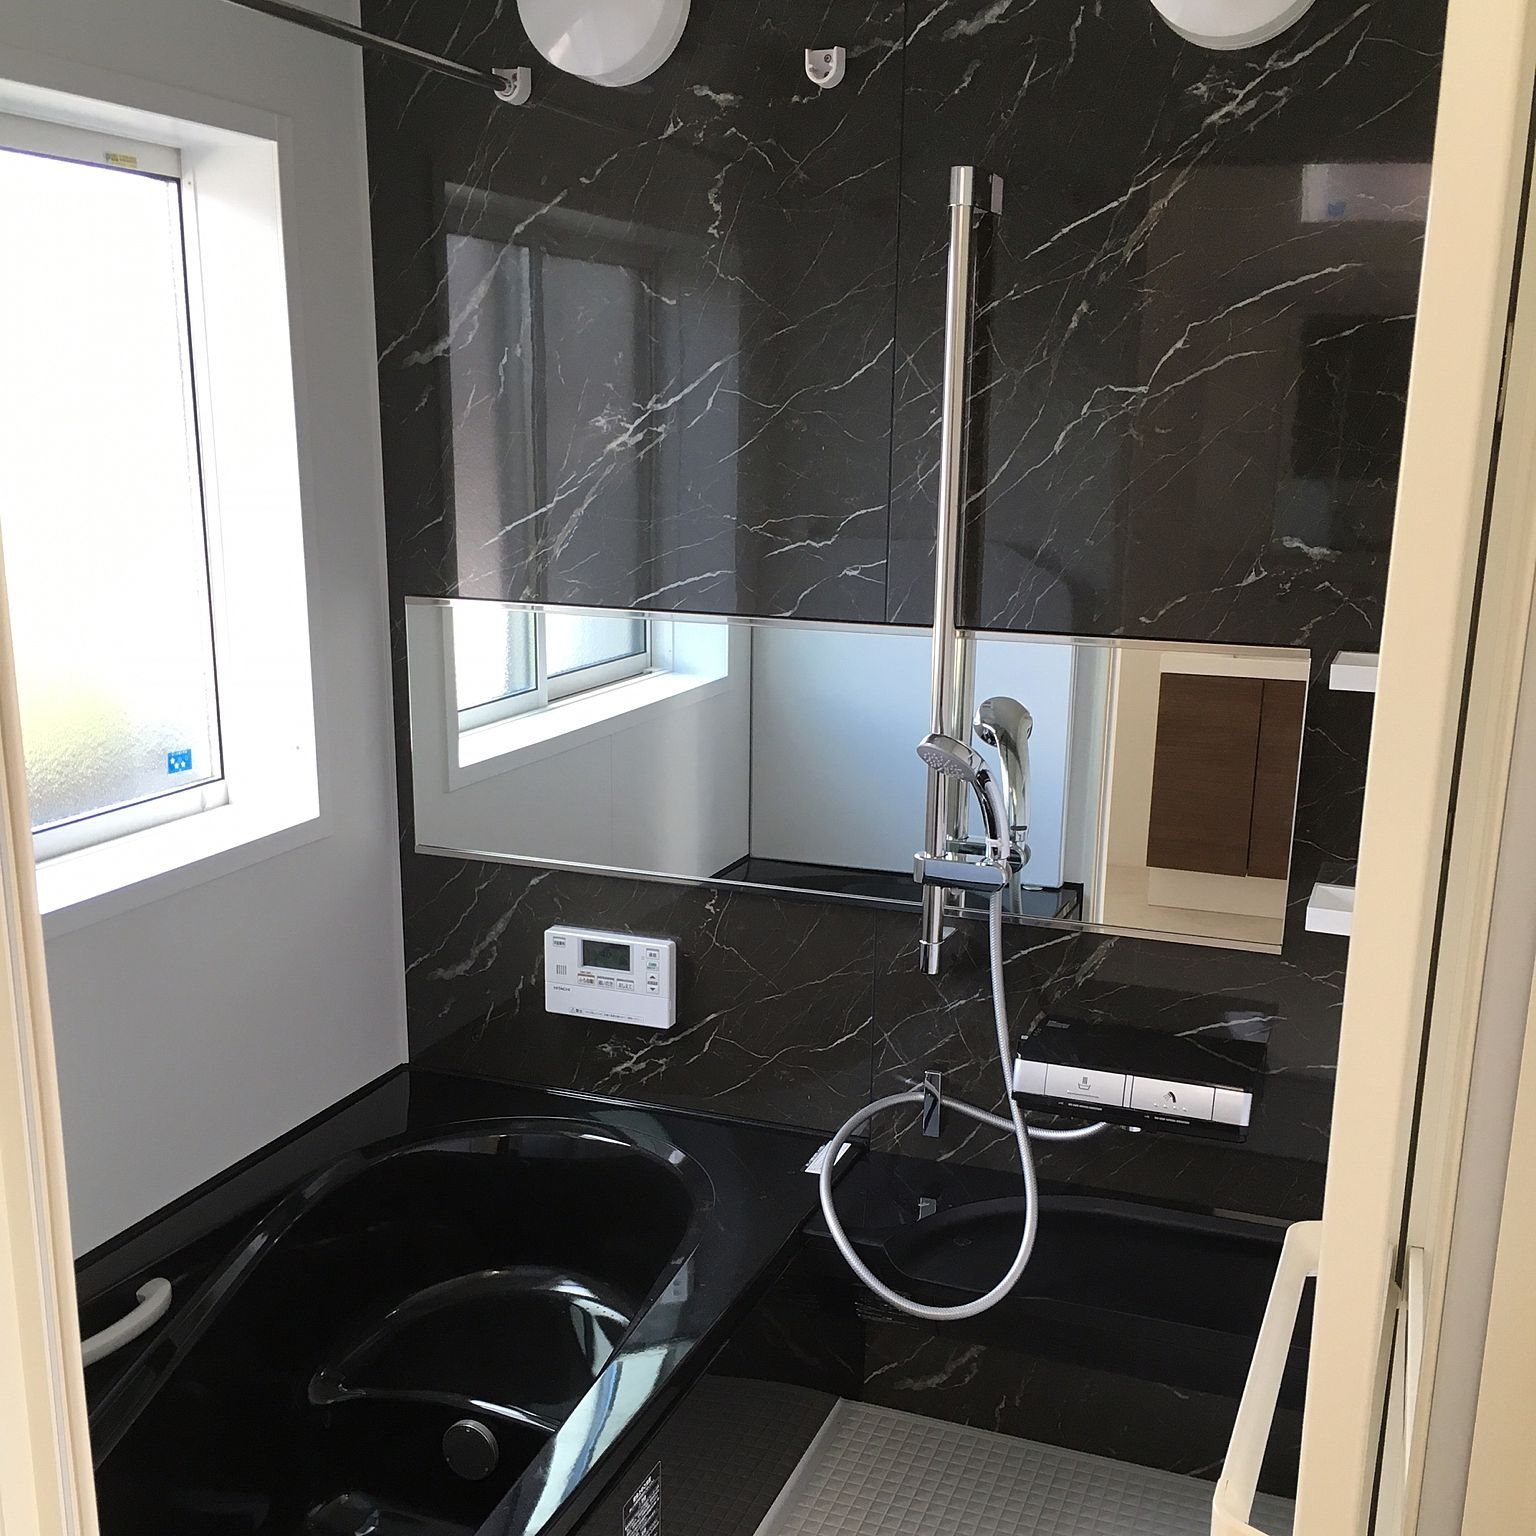 バス トイレ 横長鏡 パールブラック 浴槽 エコベンチ浴槽 などの